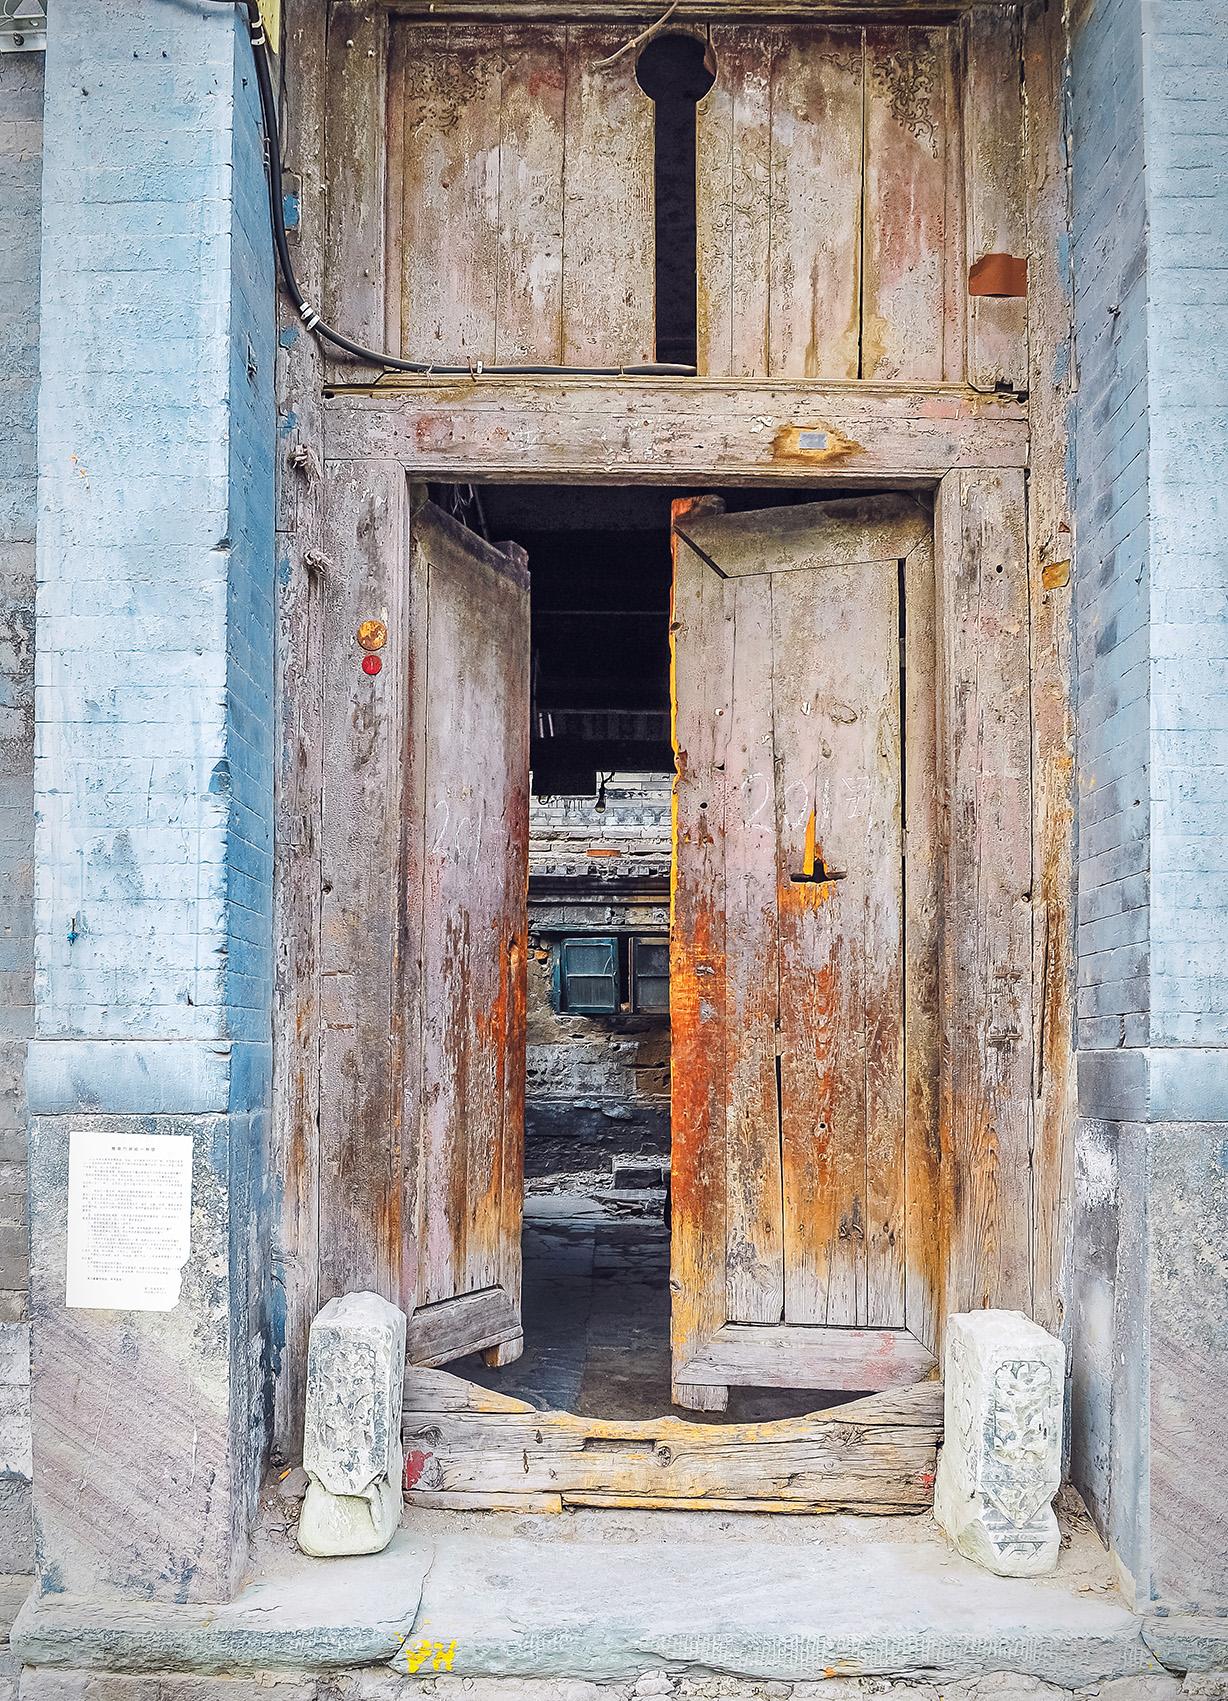 DOORS OF BEIJING